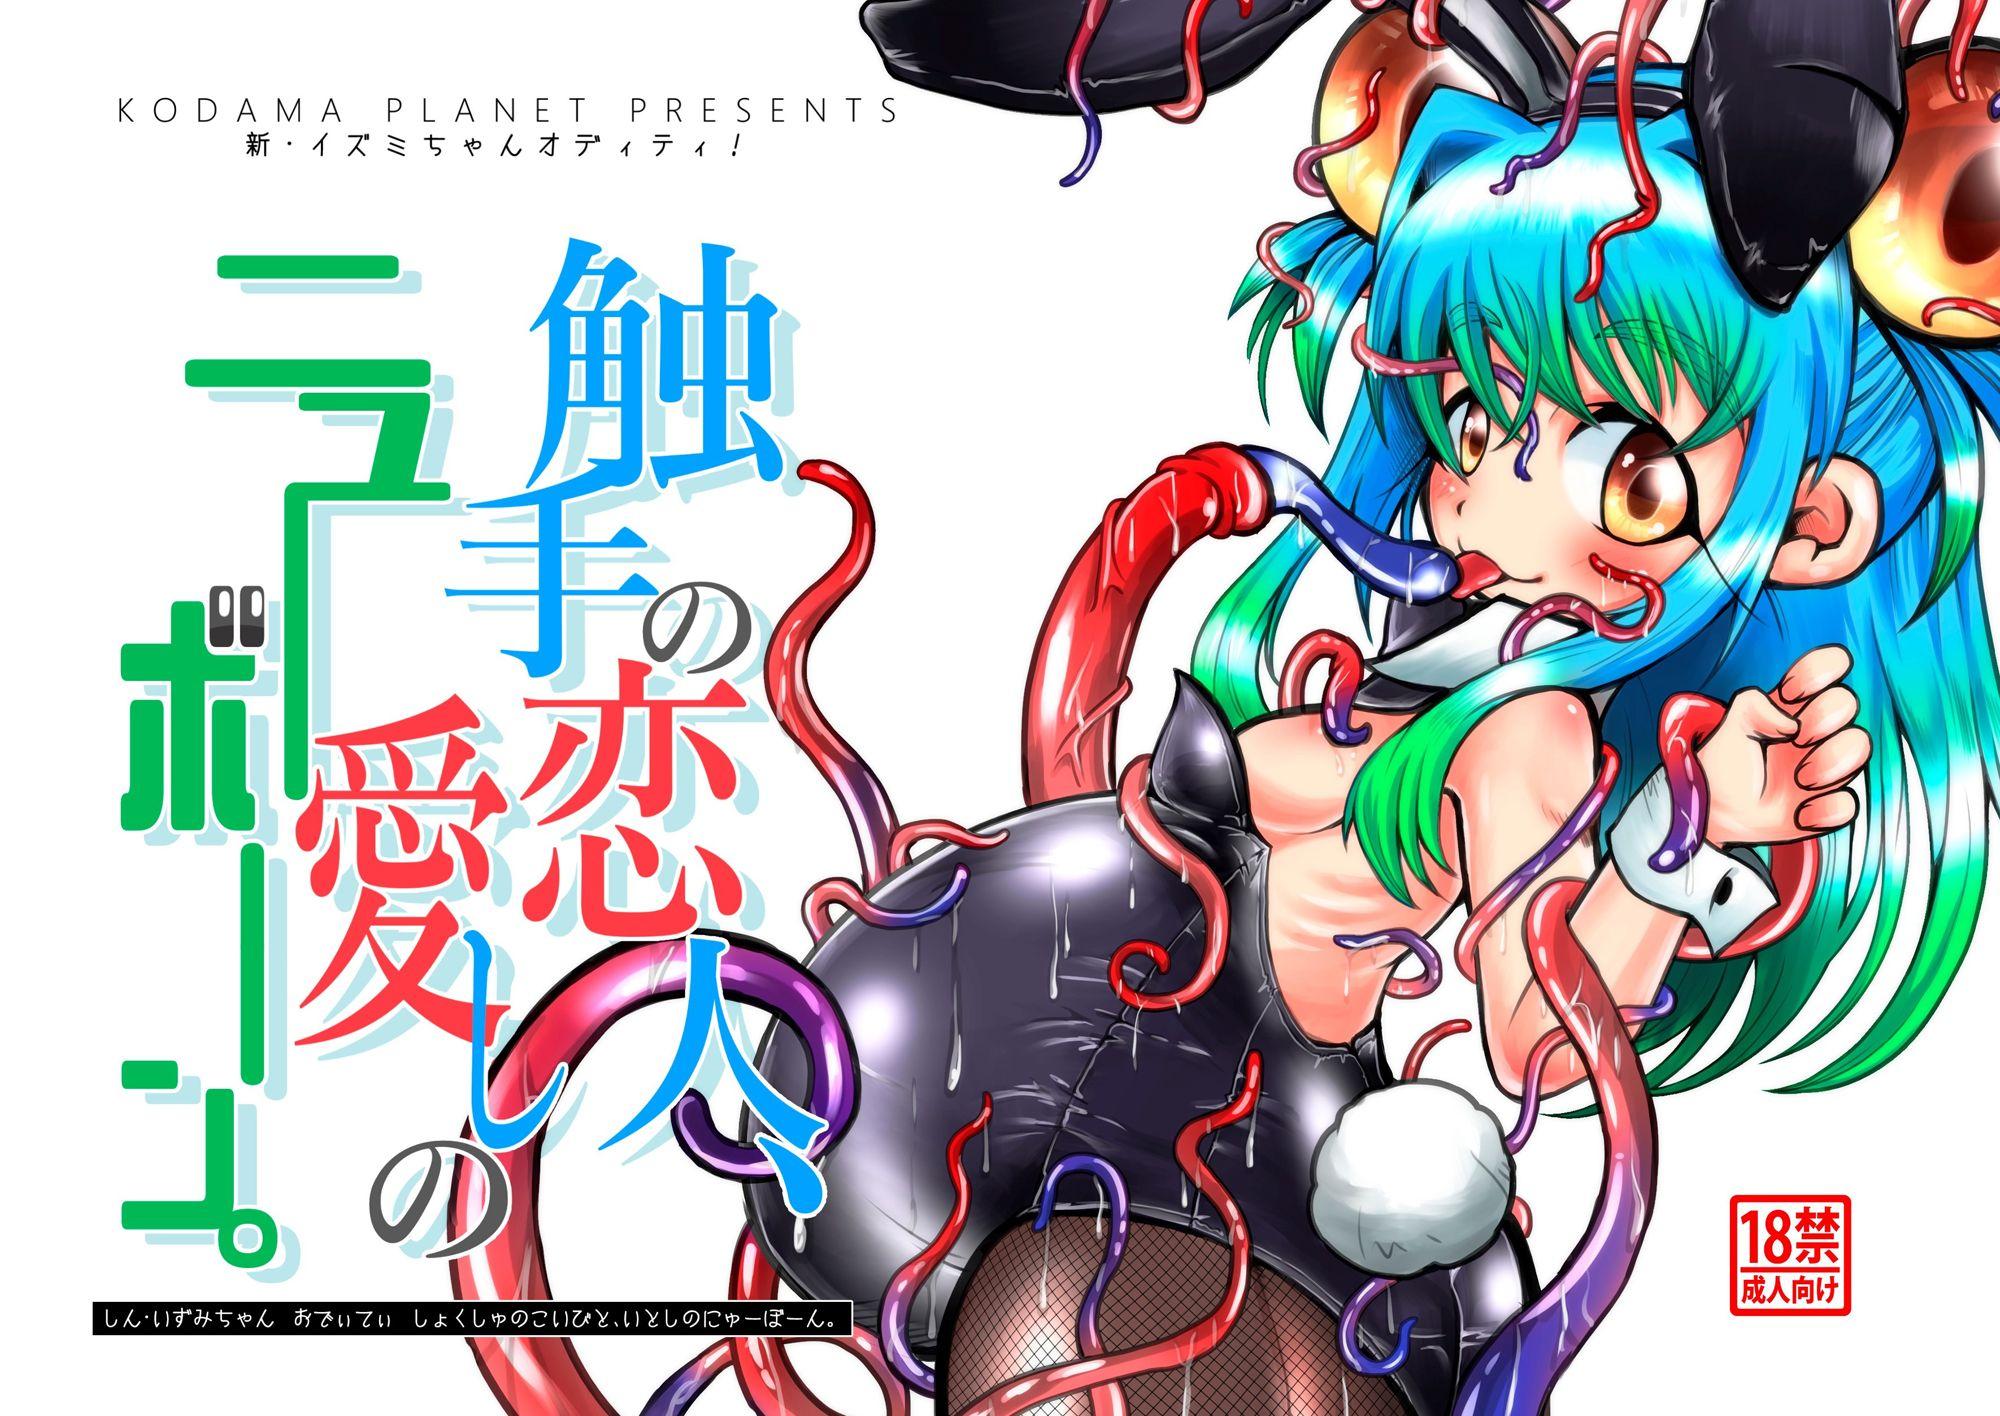 【コダマノ惑星 同人】新・イズミちゃんオディティ!触手の恋人、愛しのニューボーン。